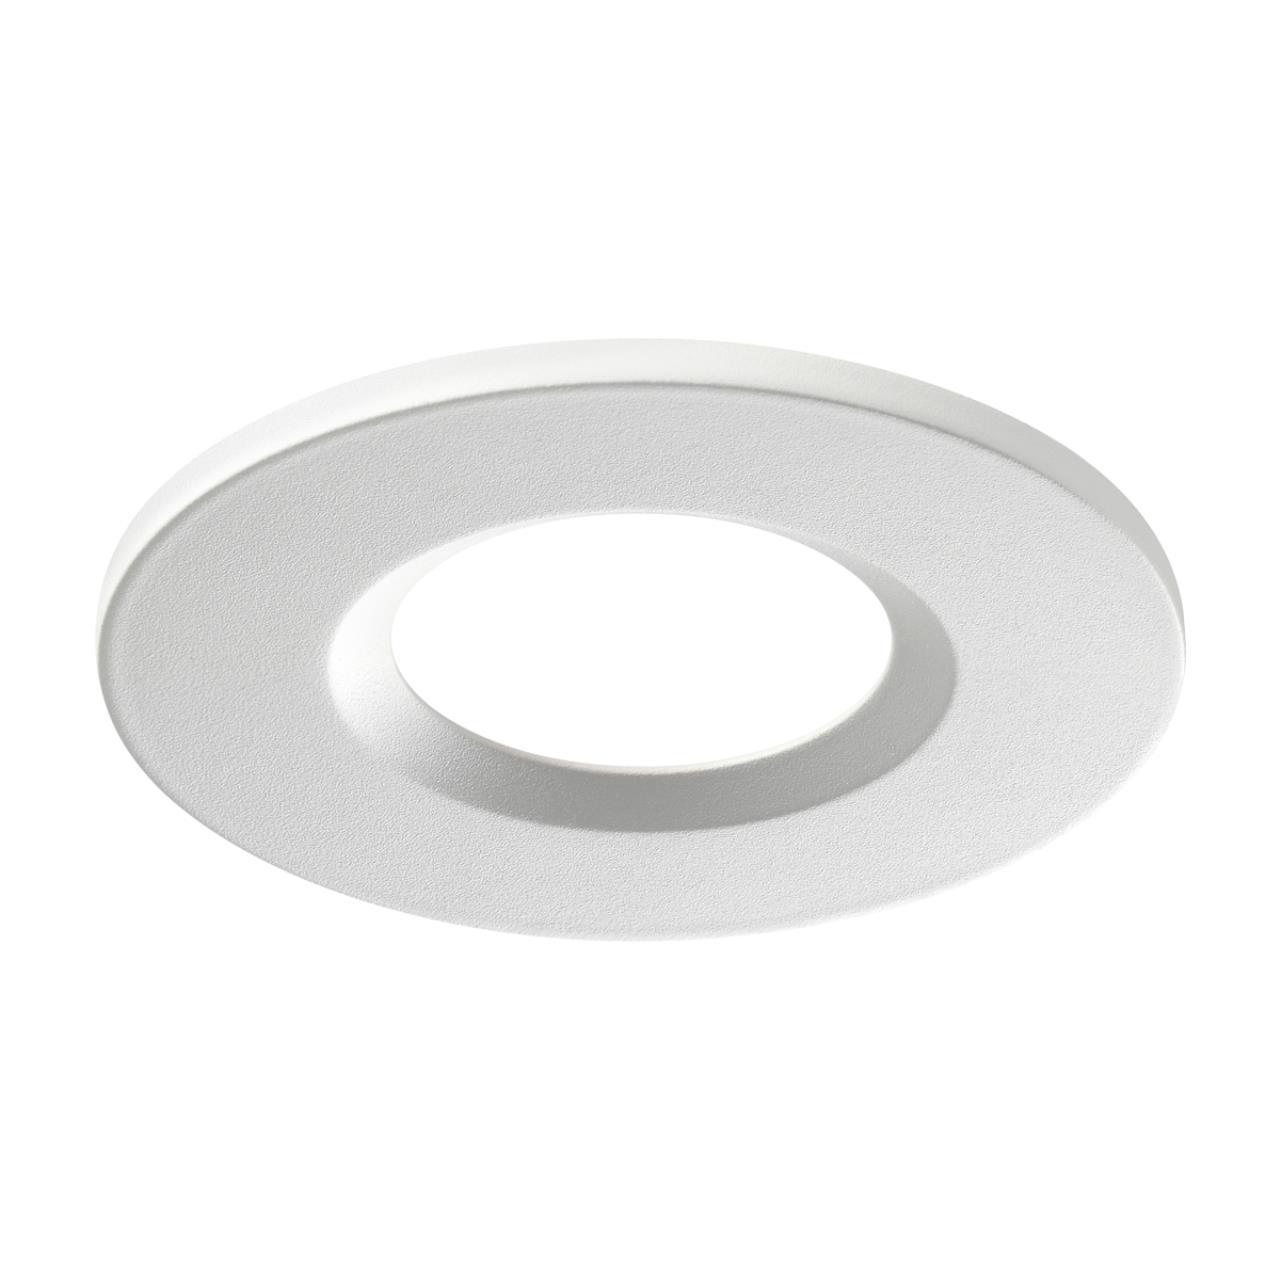 358343 SPOT NT19 000 белый Декоративное кольцо для арт. 358342 REGEN